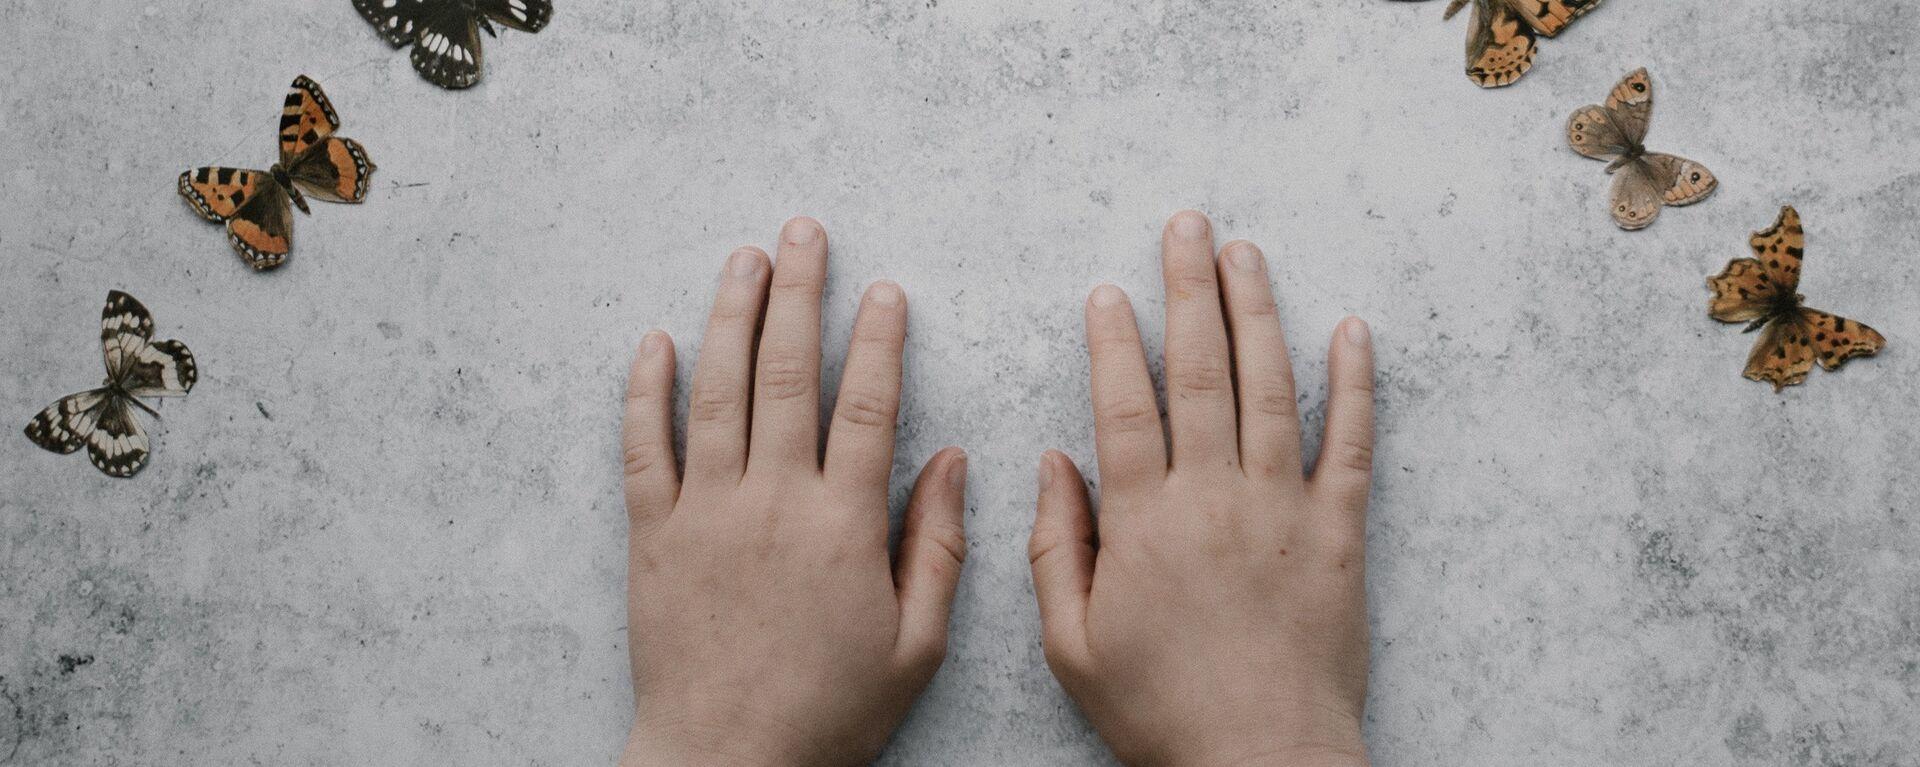 Las manos de un niño (imagen referencial) - Sputnik Mundo, 1920, 20.05.2021